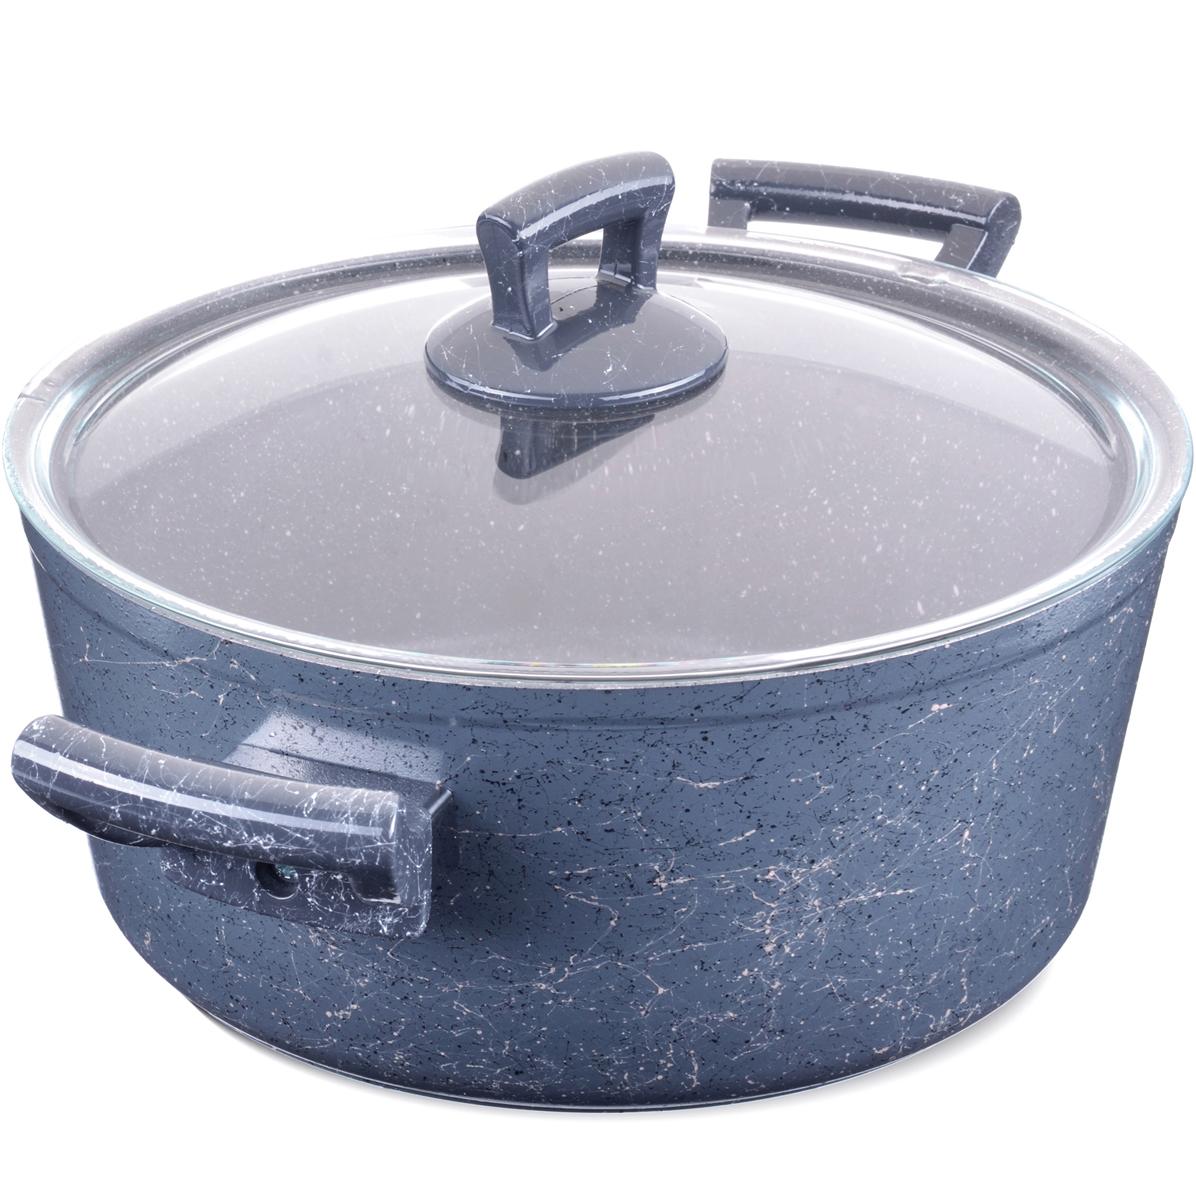 """Кастрюля """"Mayer & Boch"""" изготовлена из литого алюминия, что исключает возможность деформации и гарантирует долгий срок службы. Утолщенное, выполненное из алюминия и нержавеющей стали, индукционное дно обеспечивает идеальный контакт с конфоркой и способствует равномерному разогреванию пищи. Мраморное антипригарное покрытие позволяет готовить, практически не используя растительное масло, что значительно увеличивает полезность приготовляемой еды. Бакелитовые ручки кастрюли не нагреваются. Крышка из жаропрочного стекла. Подходит для всех видов плит, включая индукционные."""